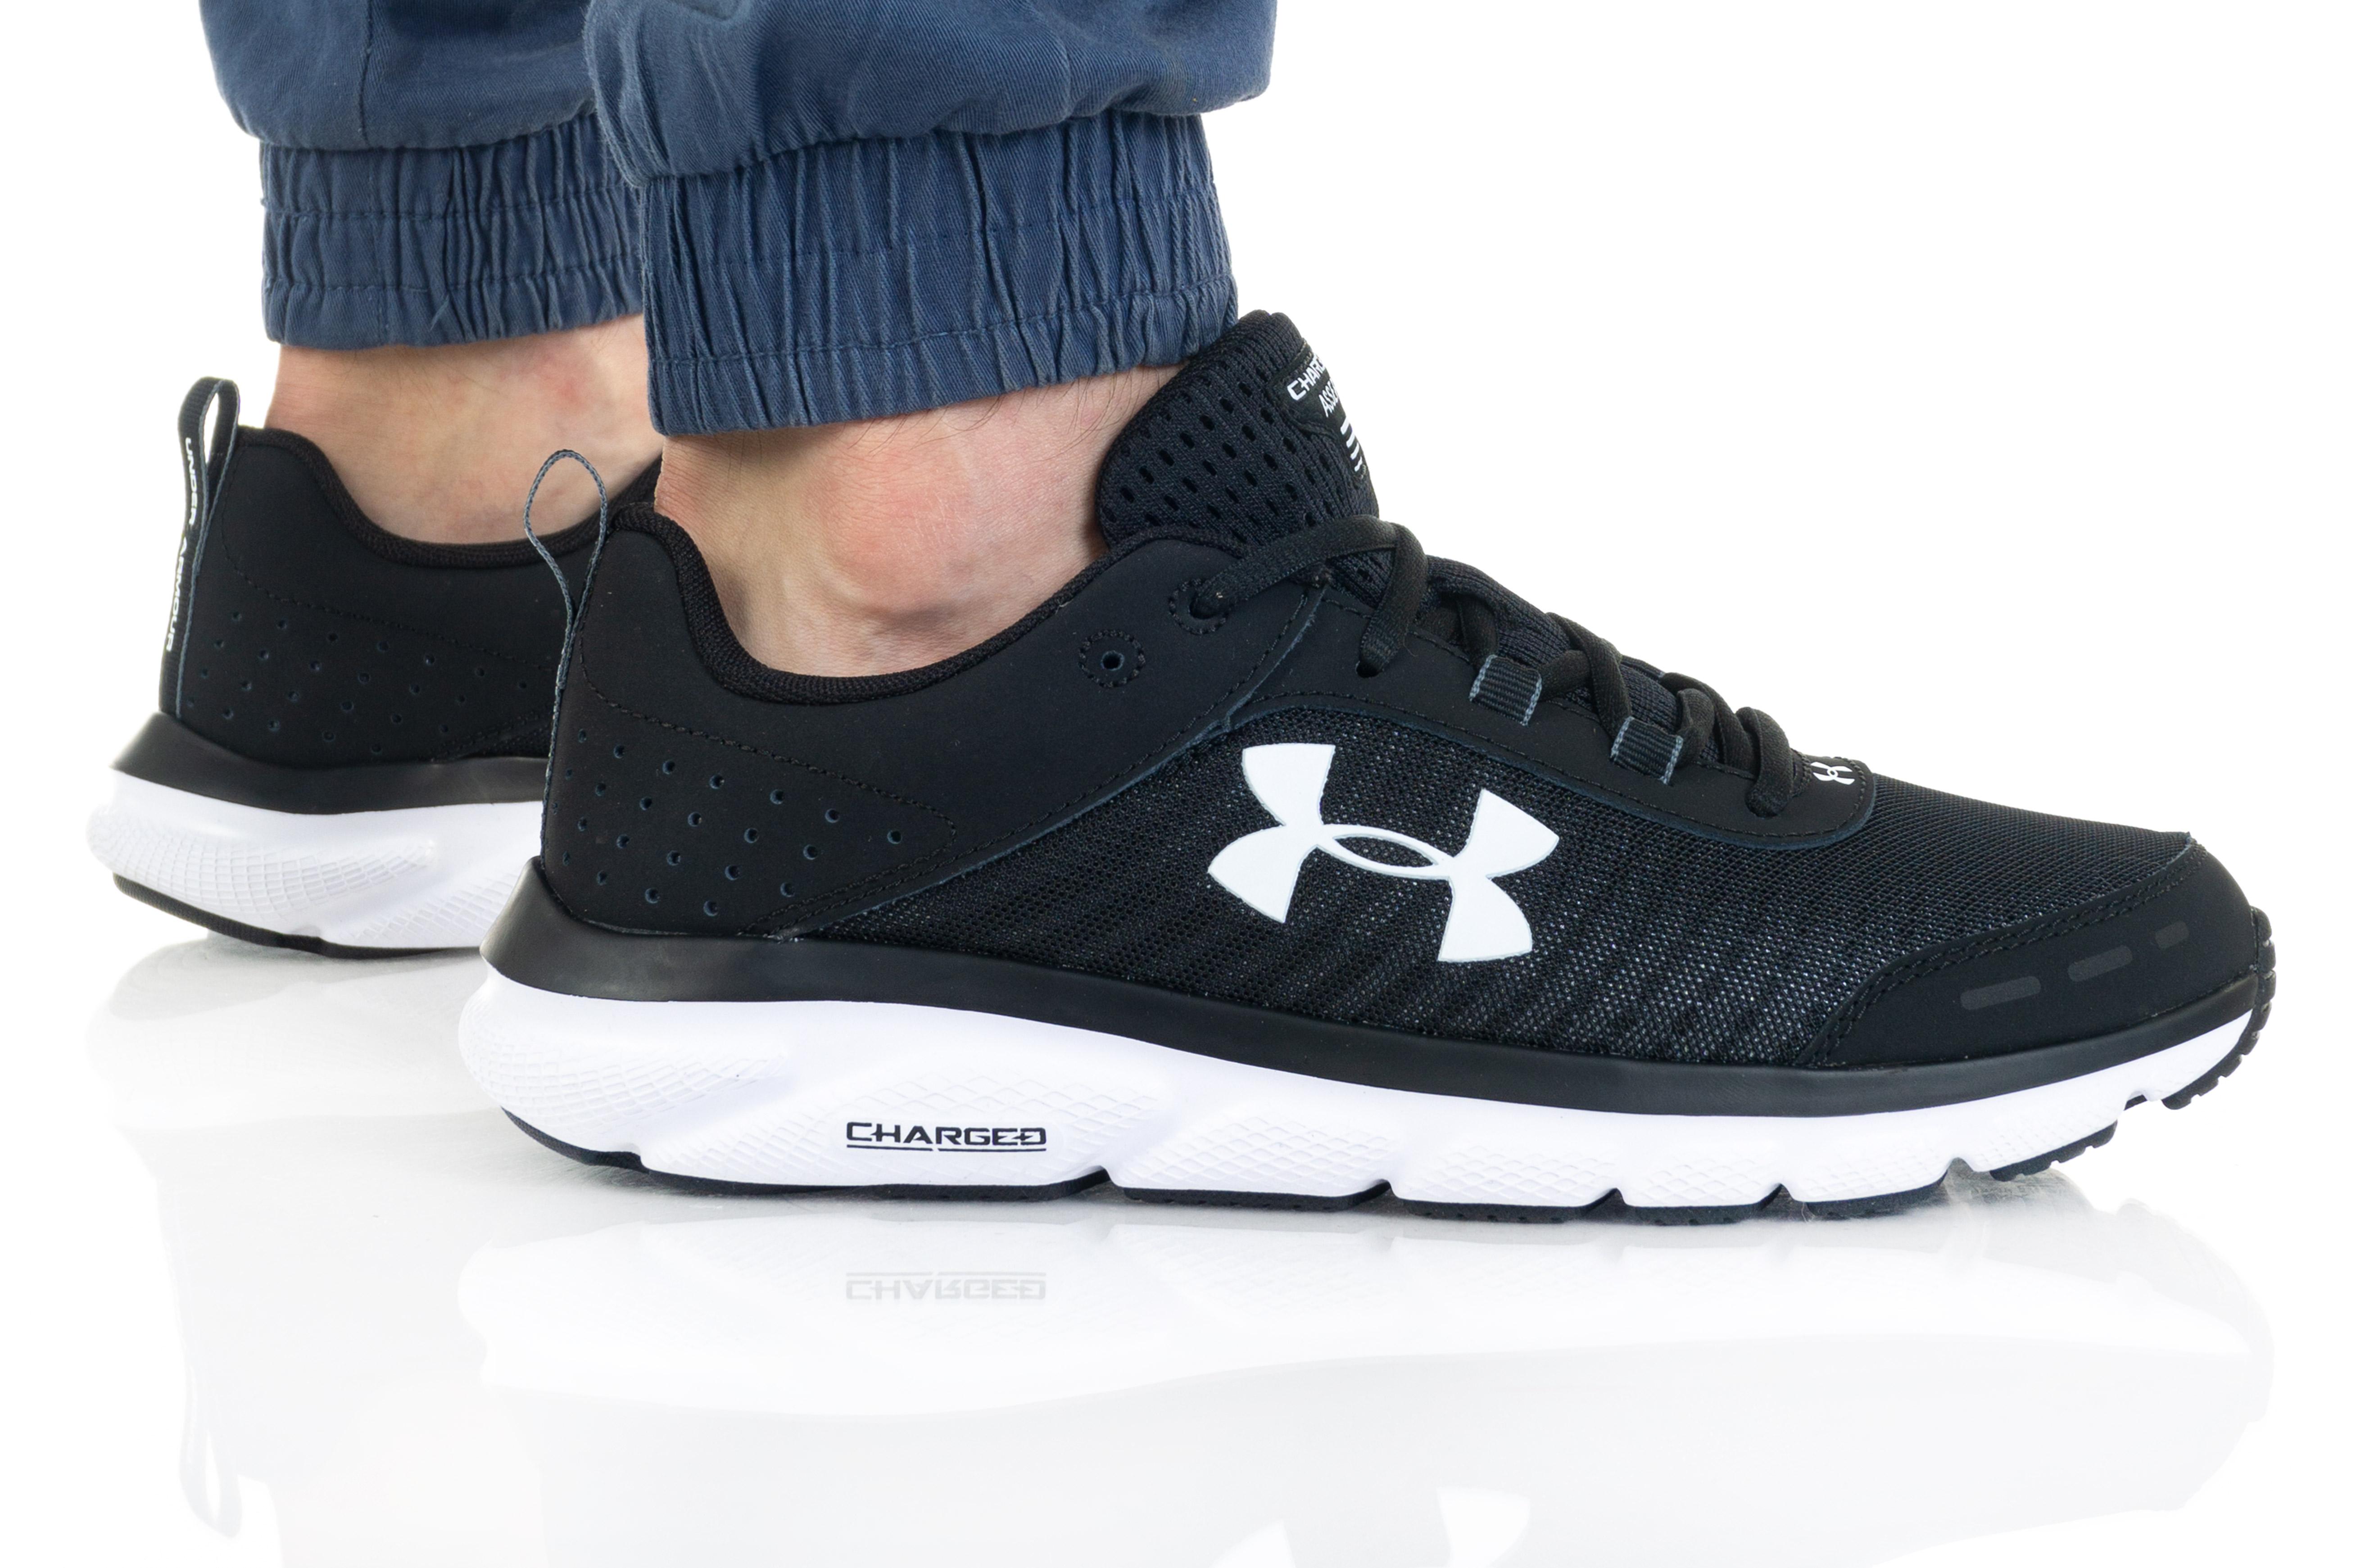 נעלי ריצה אנדר ארמור לגברים Under Armour Charged Assert 8 - שחור/לבן